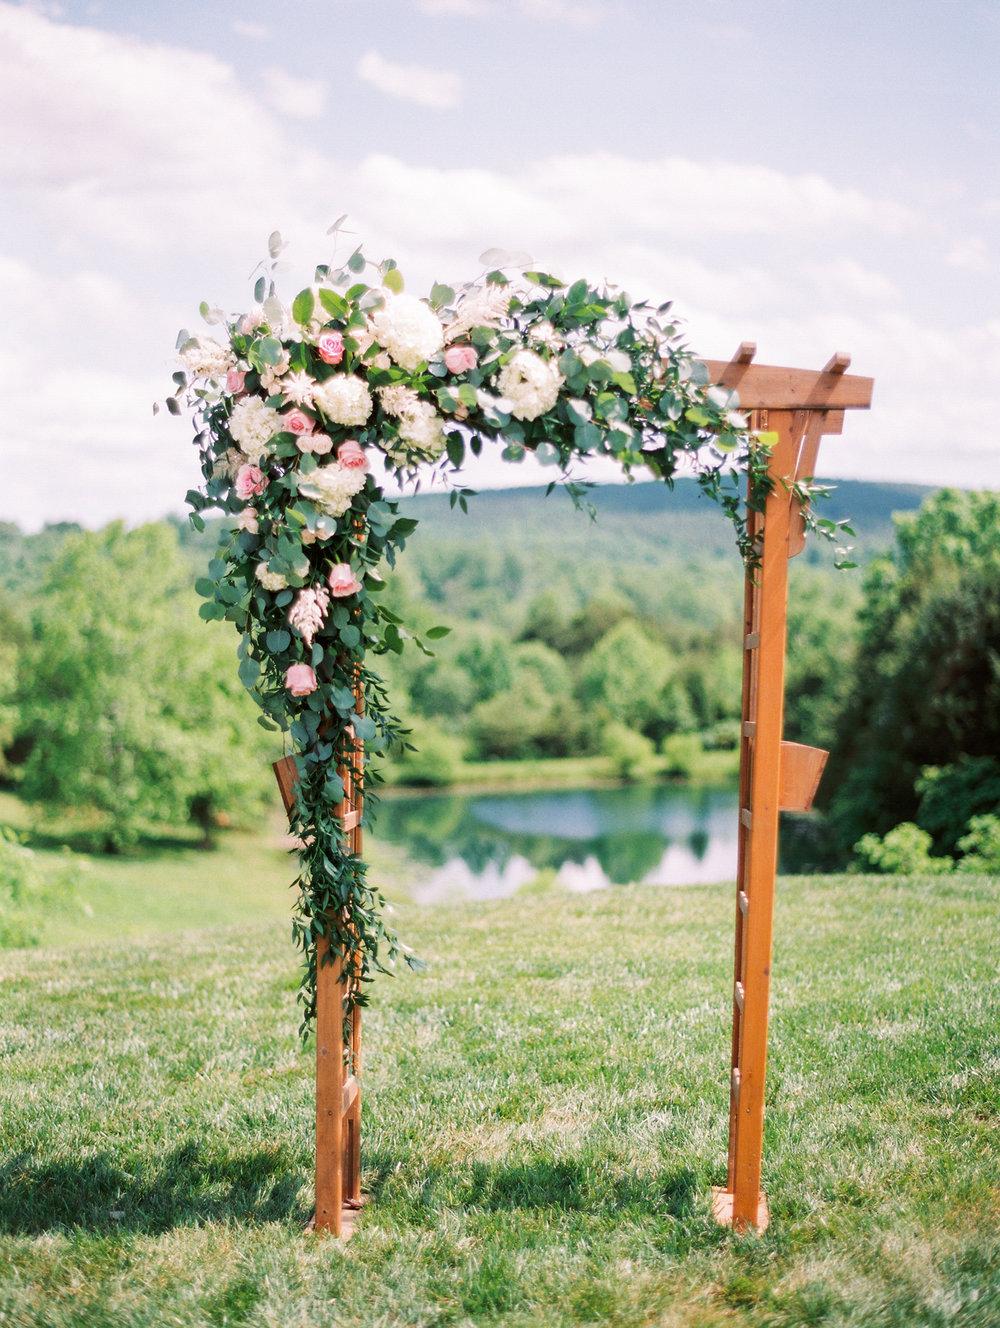 Sorella-farms-barn-wedding-venue-lynchburg-film-photographer-45.jpg